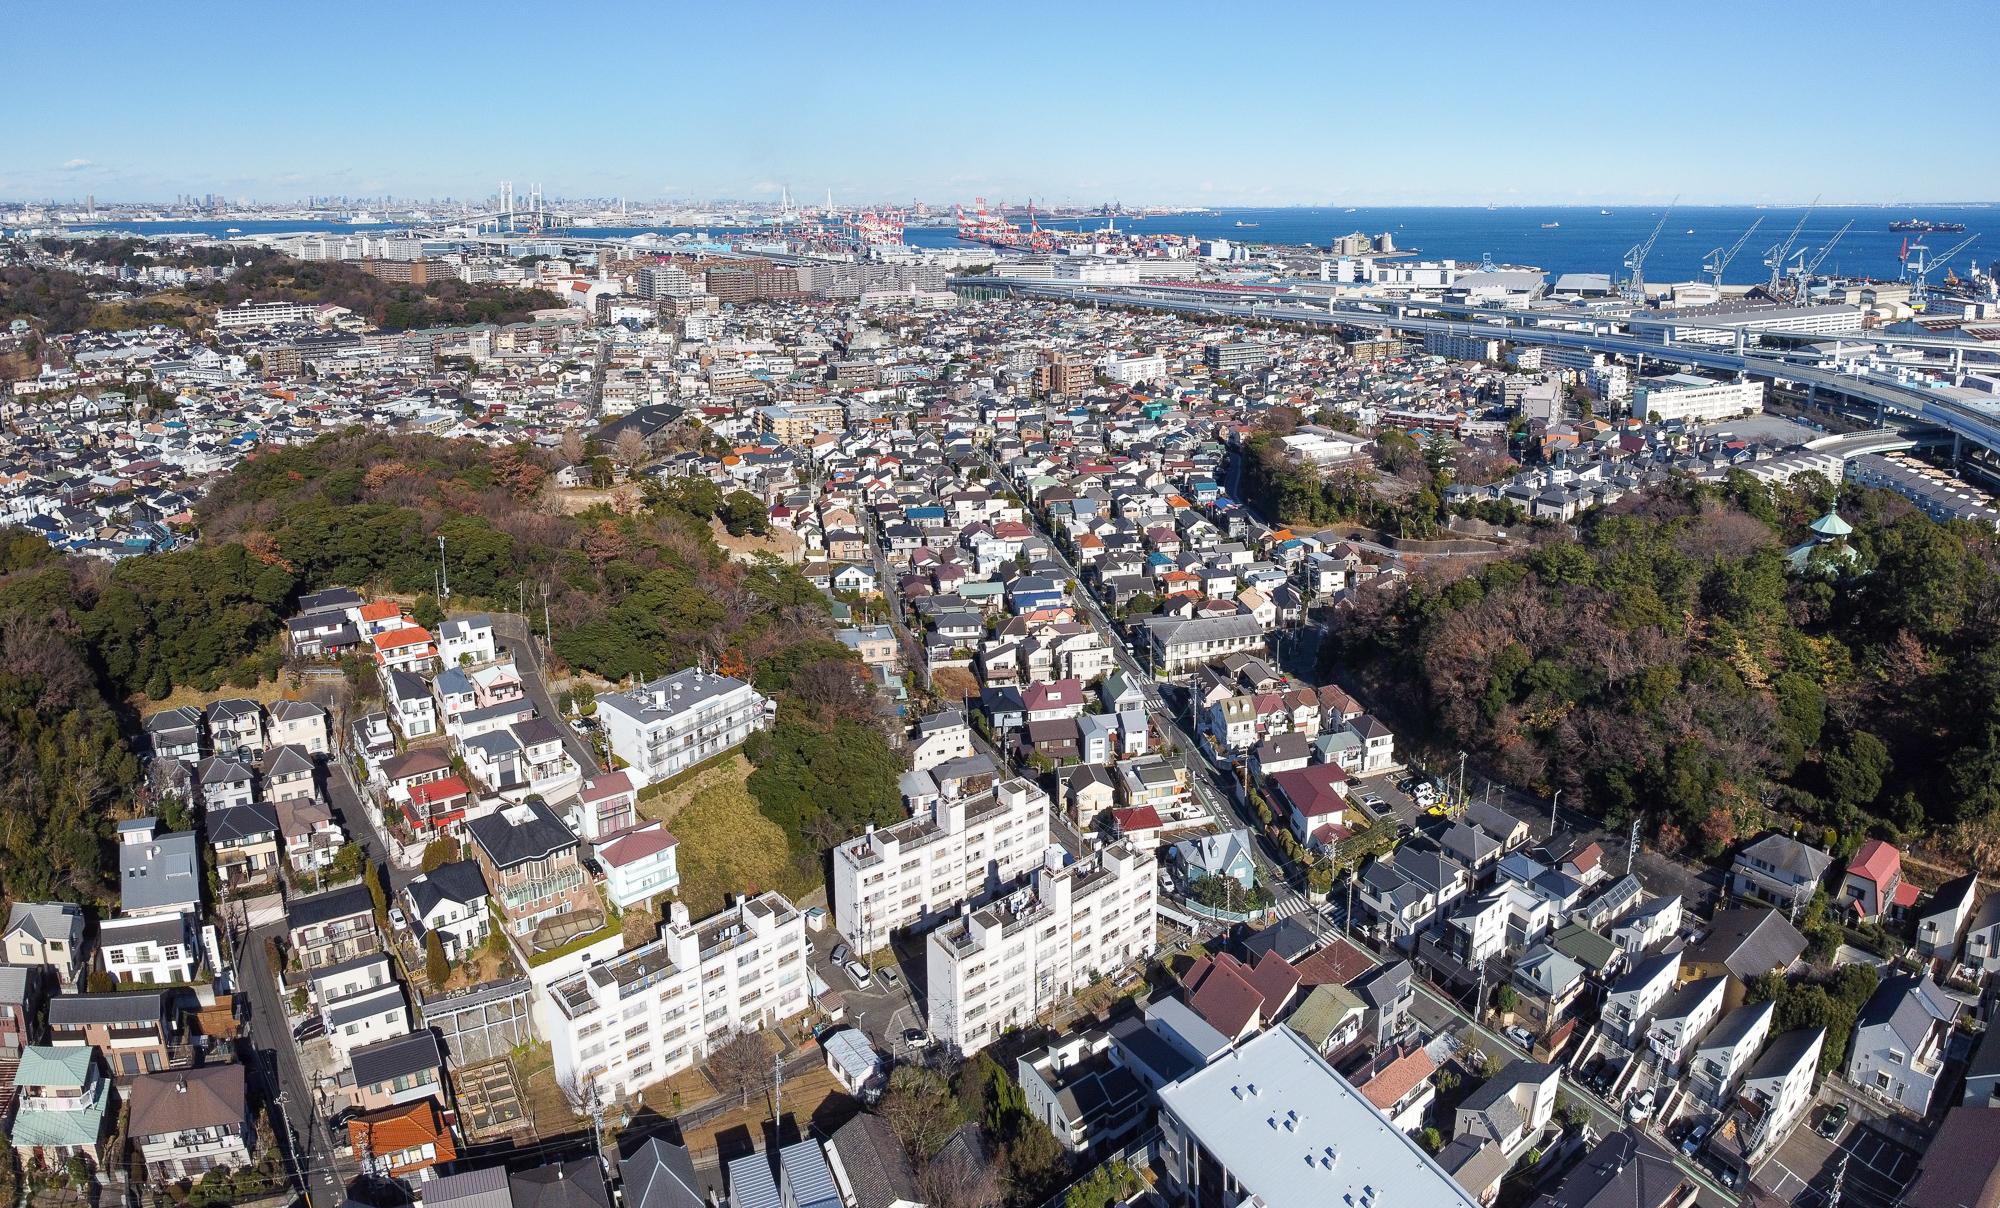 Te var redzēt diezgan lielu daļu no mūsu rajona (Honmoku). Ir daži dzīvokļu nami, bet pārsvarā privātmājas.